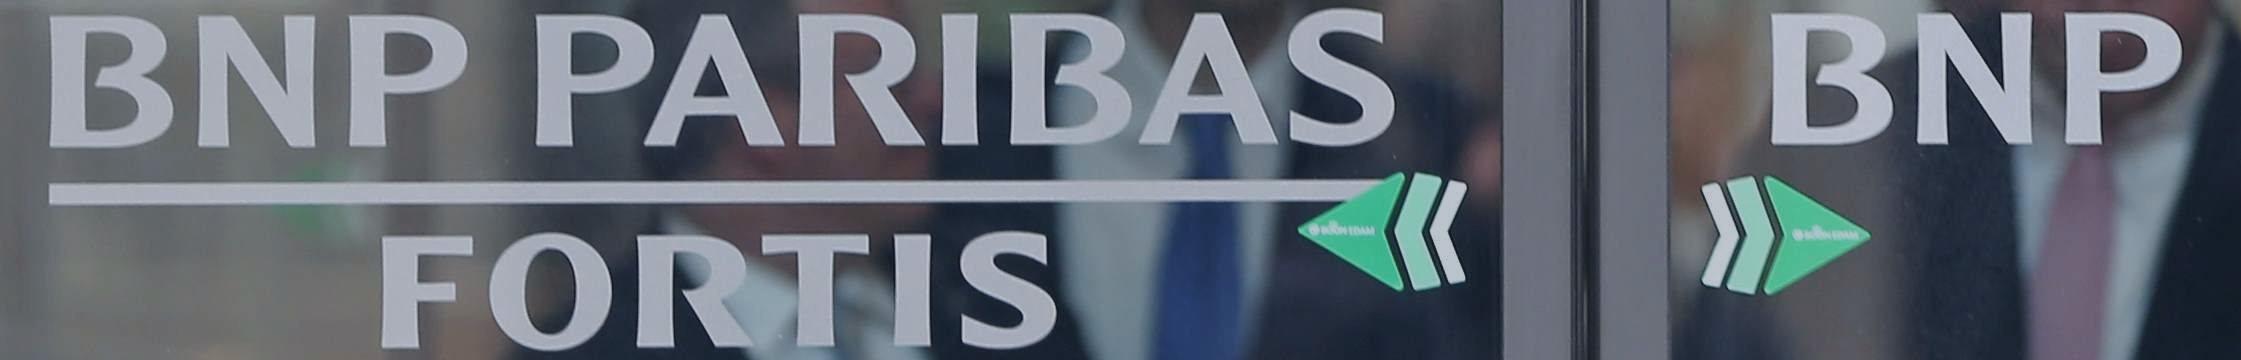 BNP и UBS предупредили о падении нефтяных цен до $30 за баррель